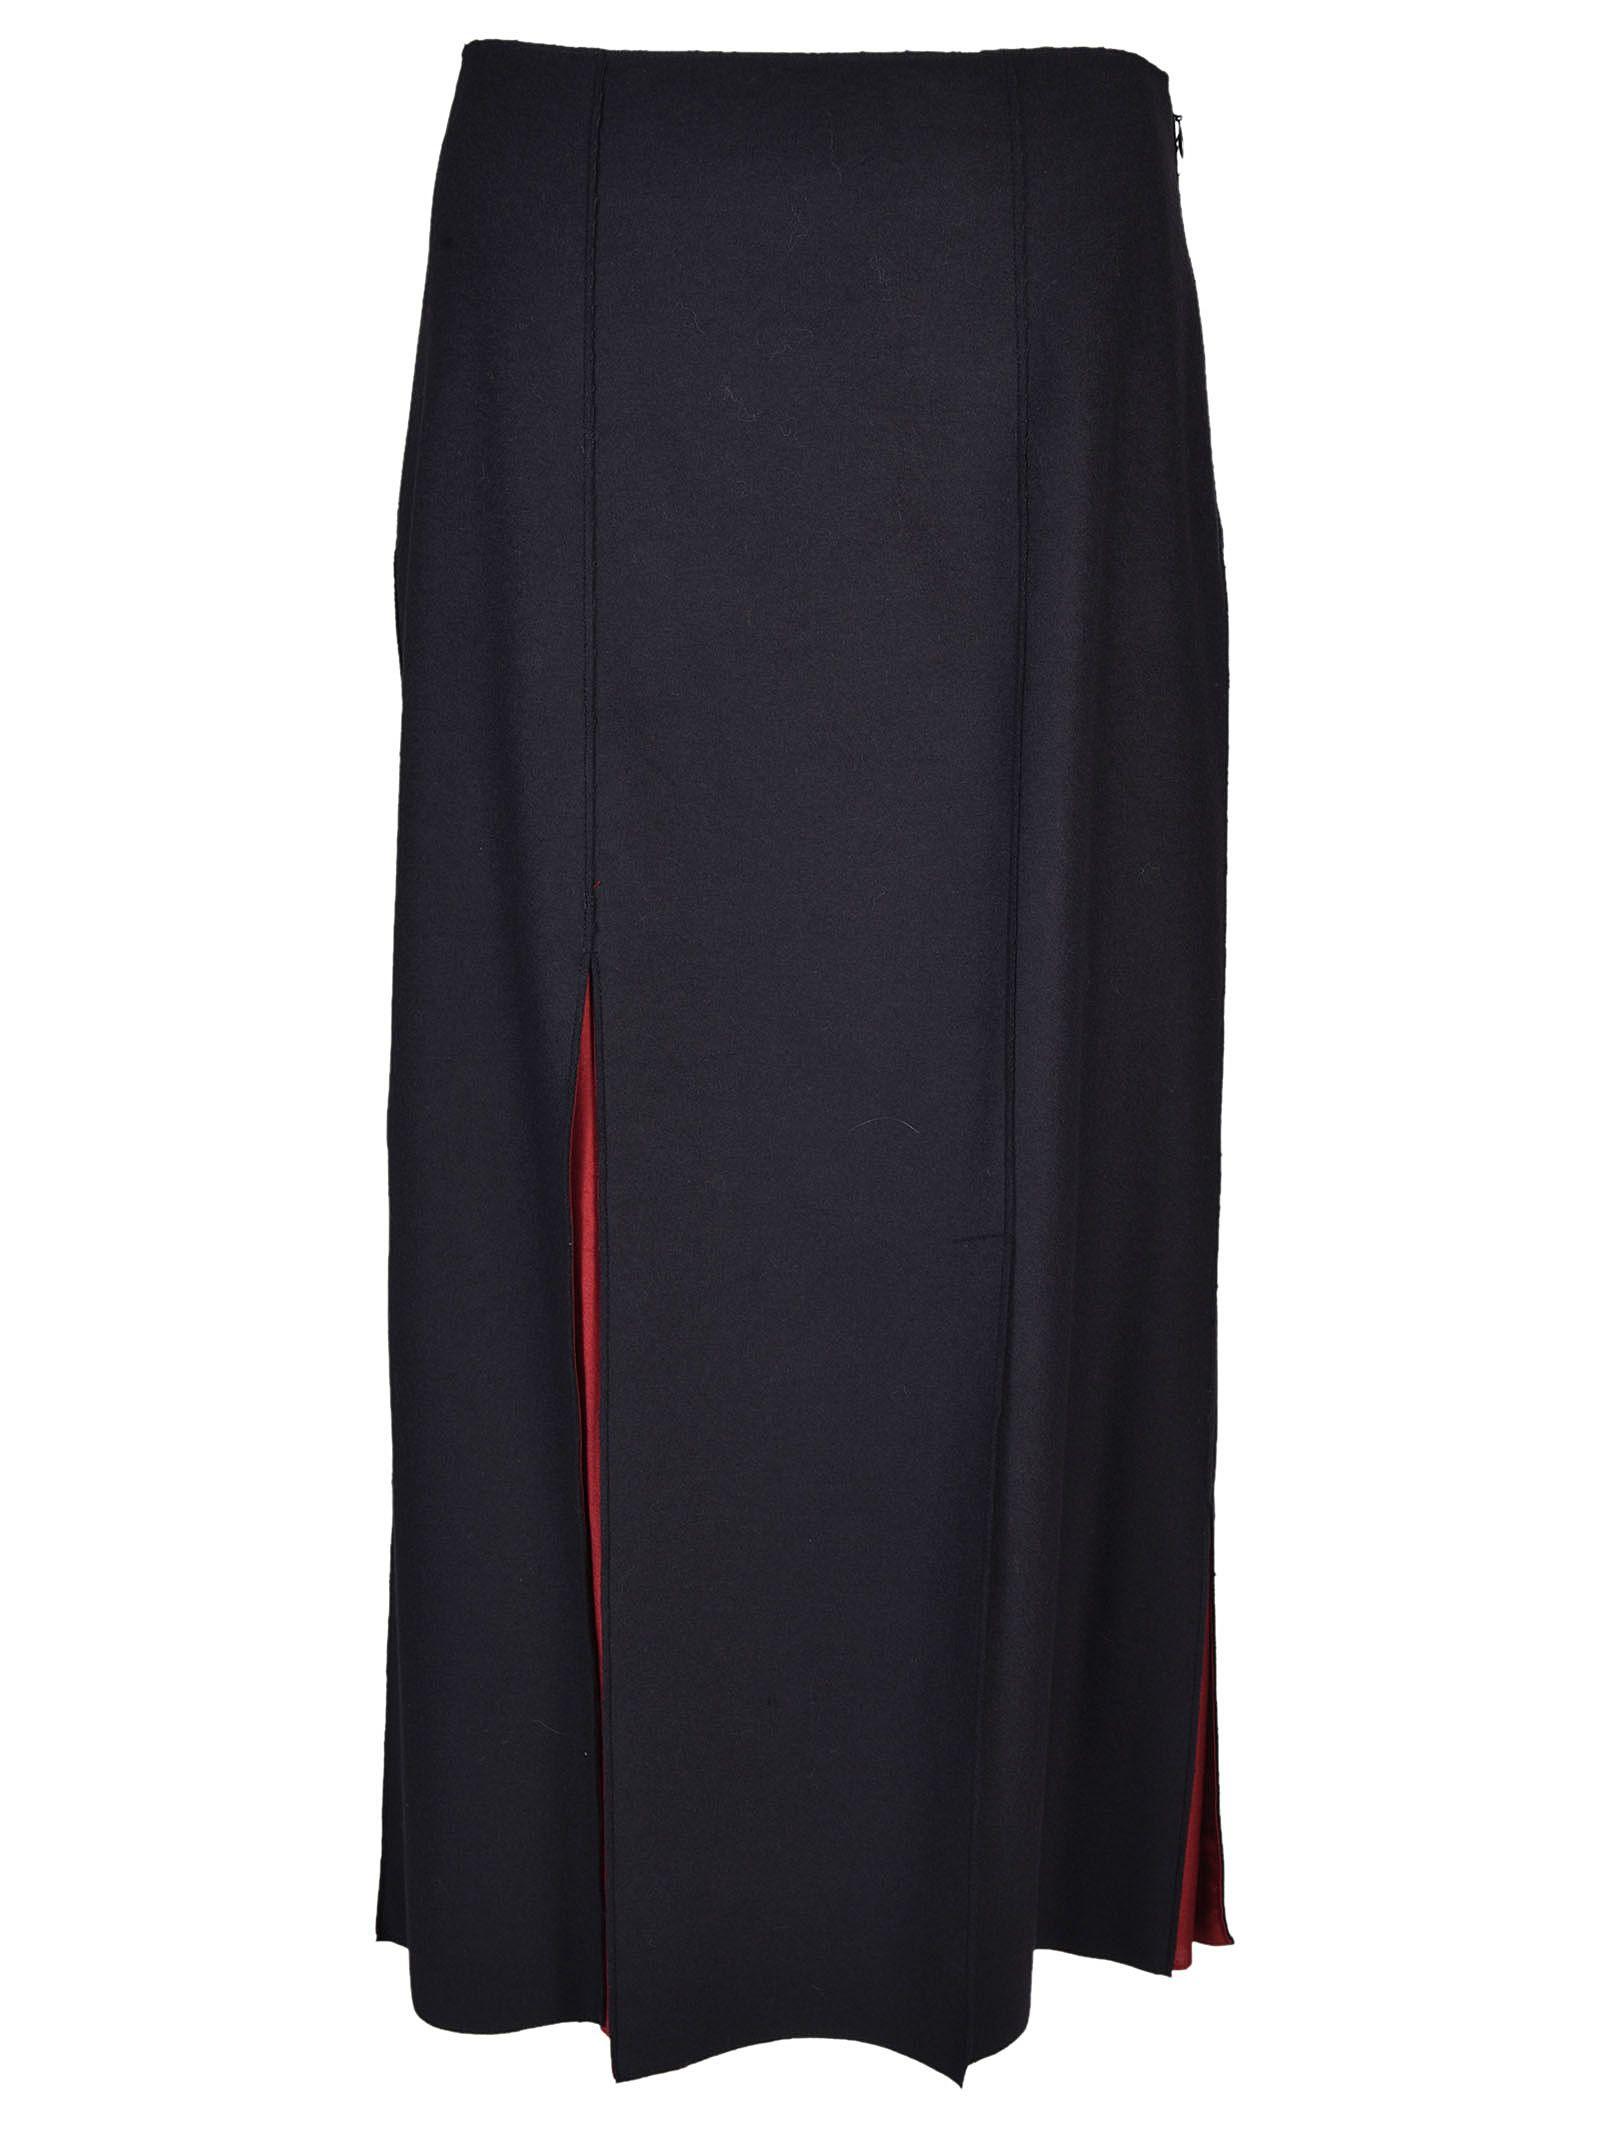 Jil Sander Navy Slit Detail Skirt